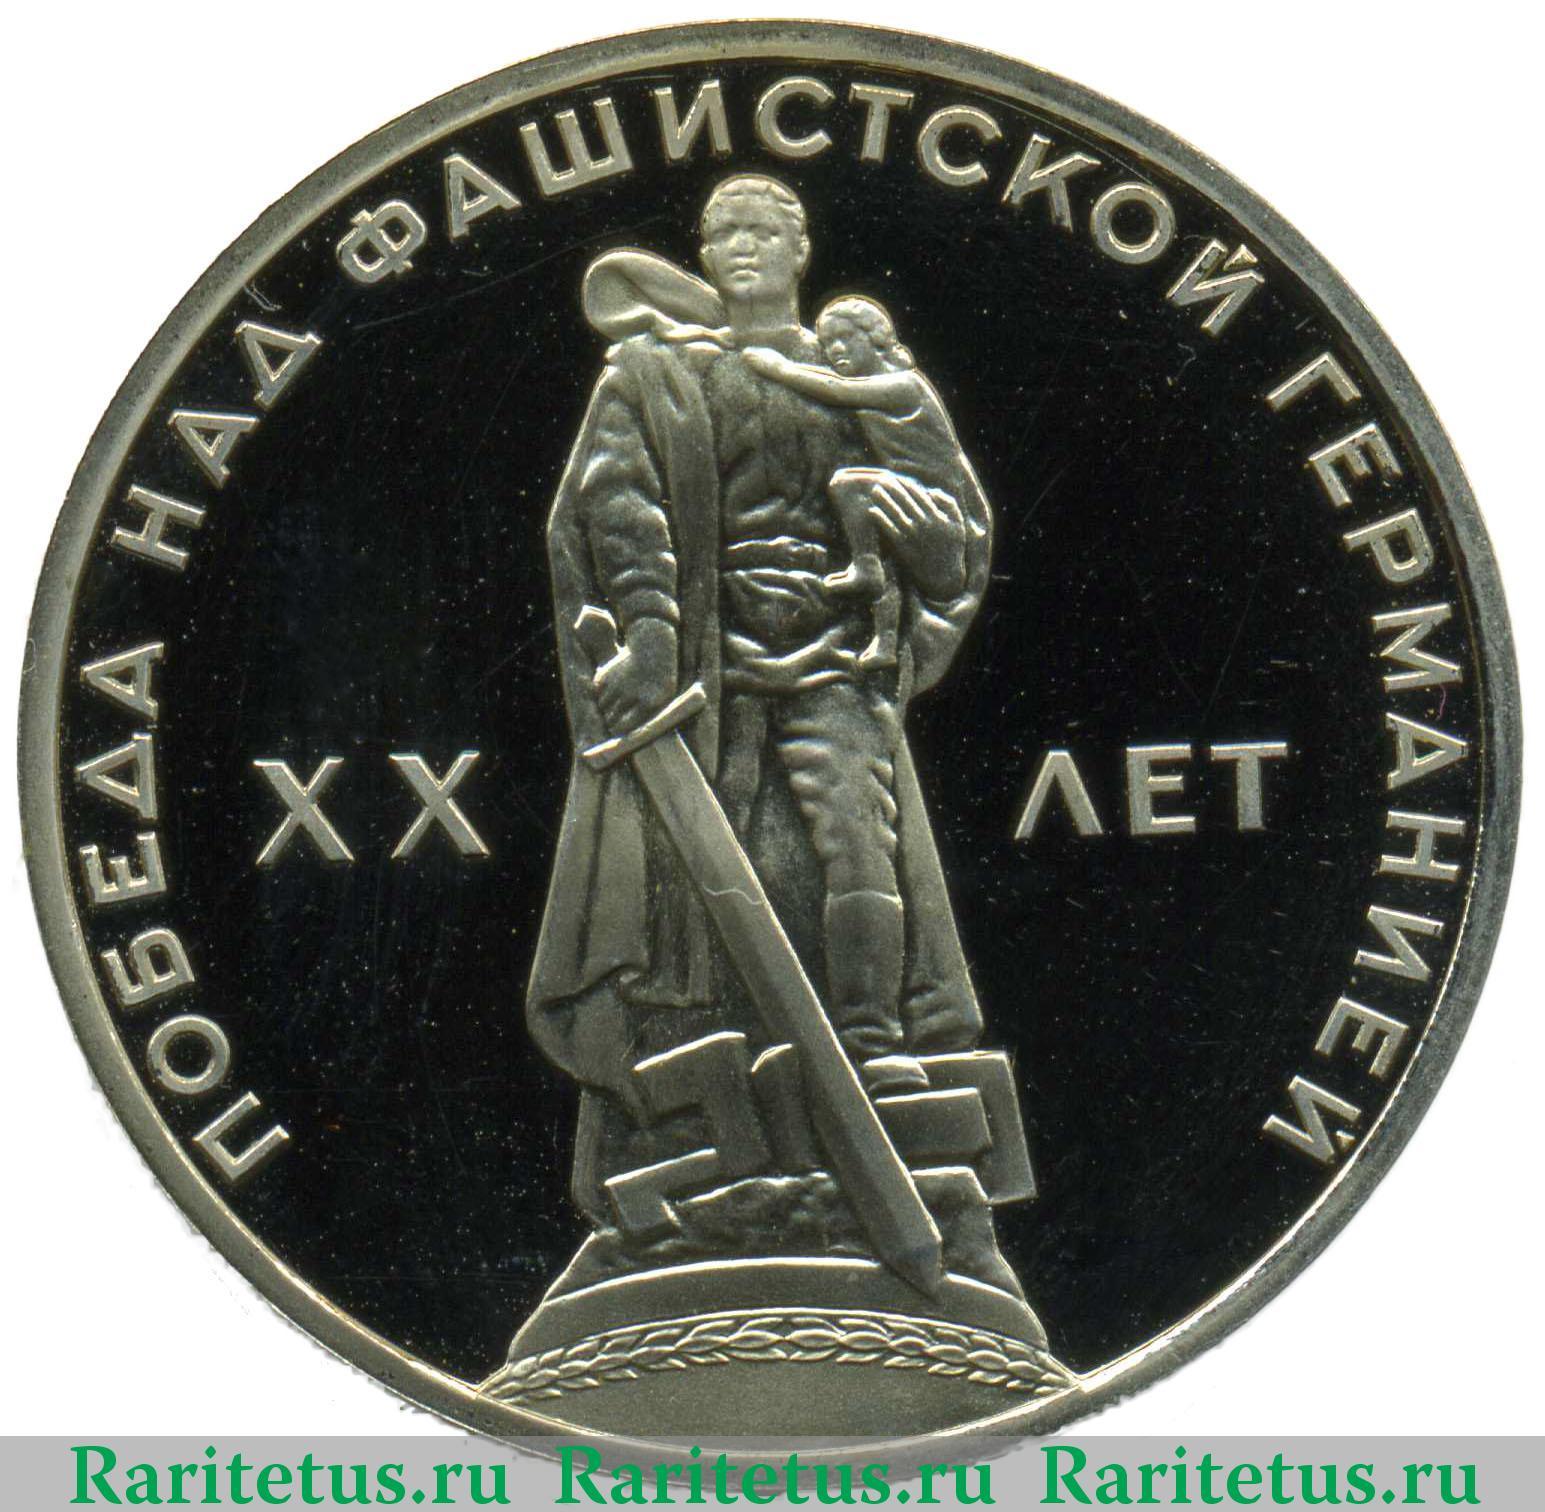 Монеты 1965 семиреченская область российская империя